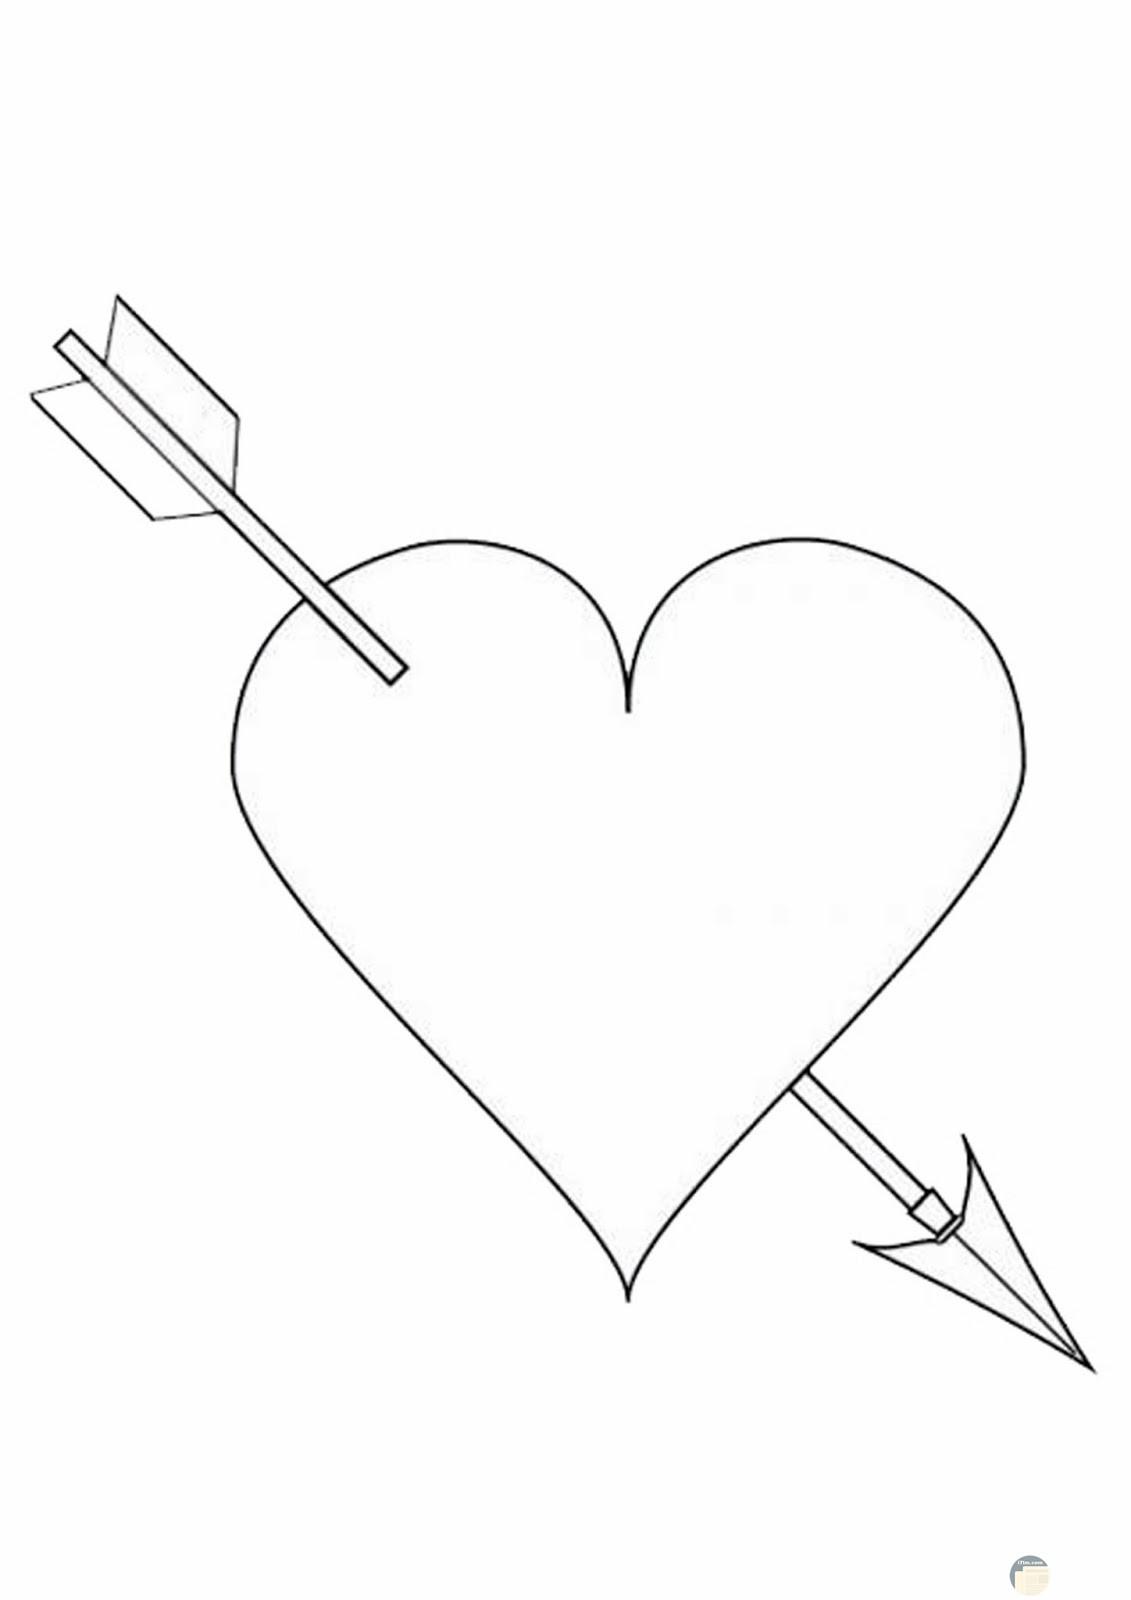 قلب معبر عن الحب